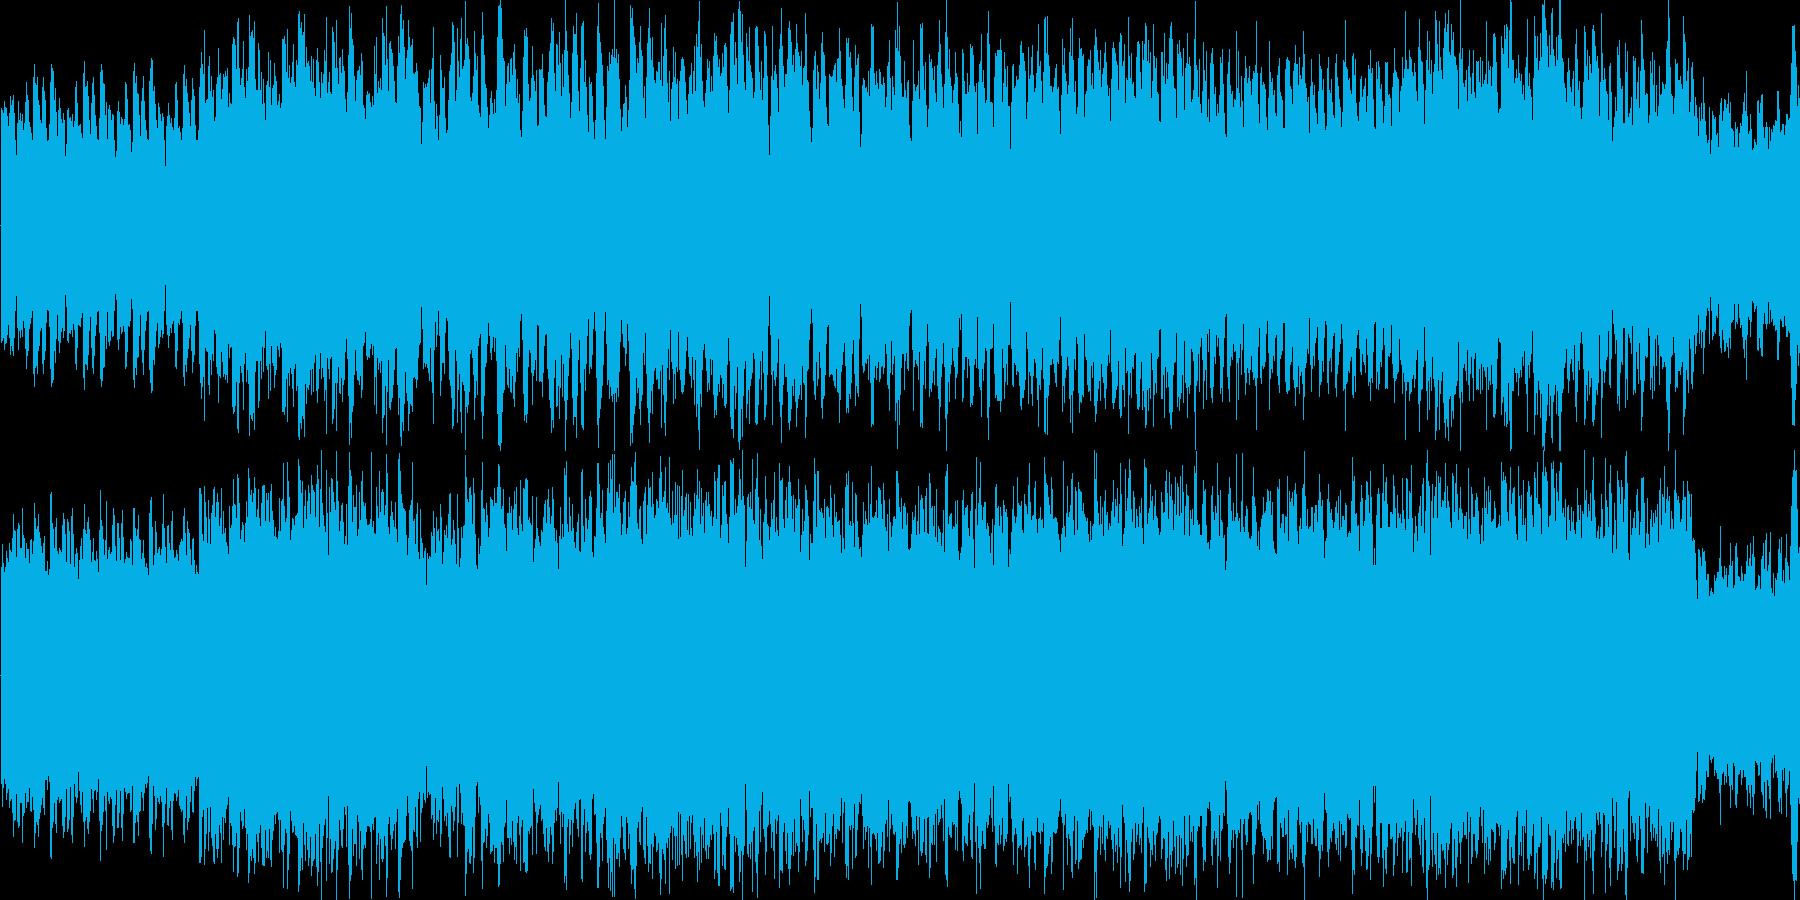 ミステリアスなシーンのバックミュージックの再生済みの波形